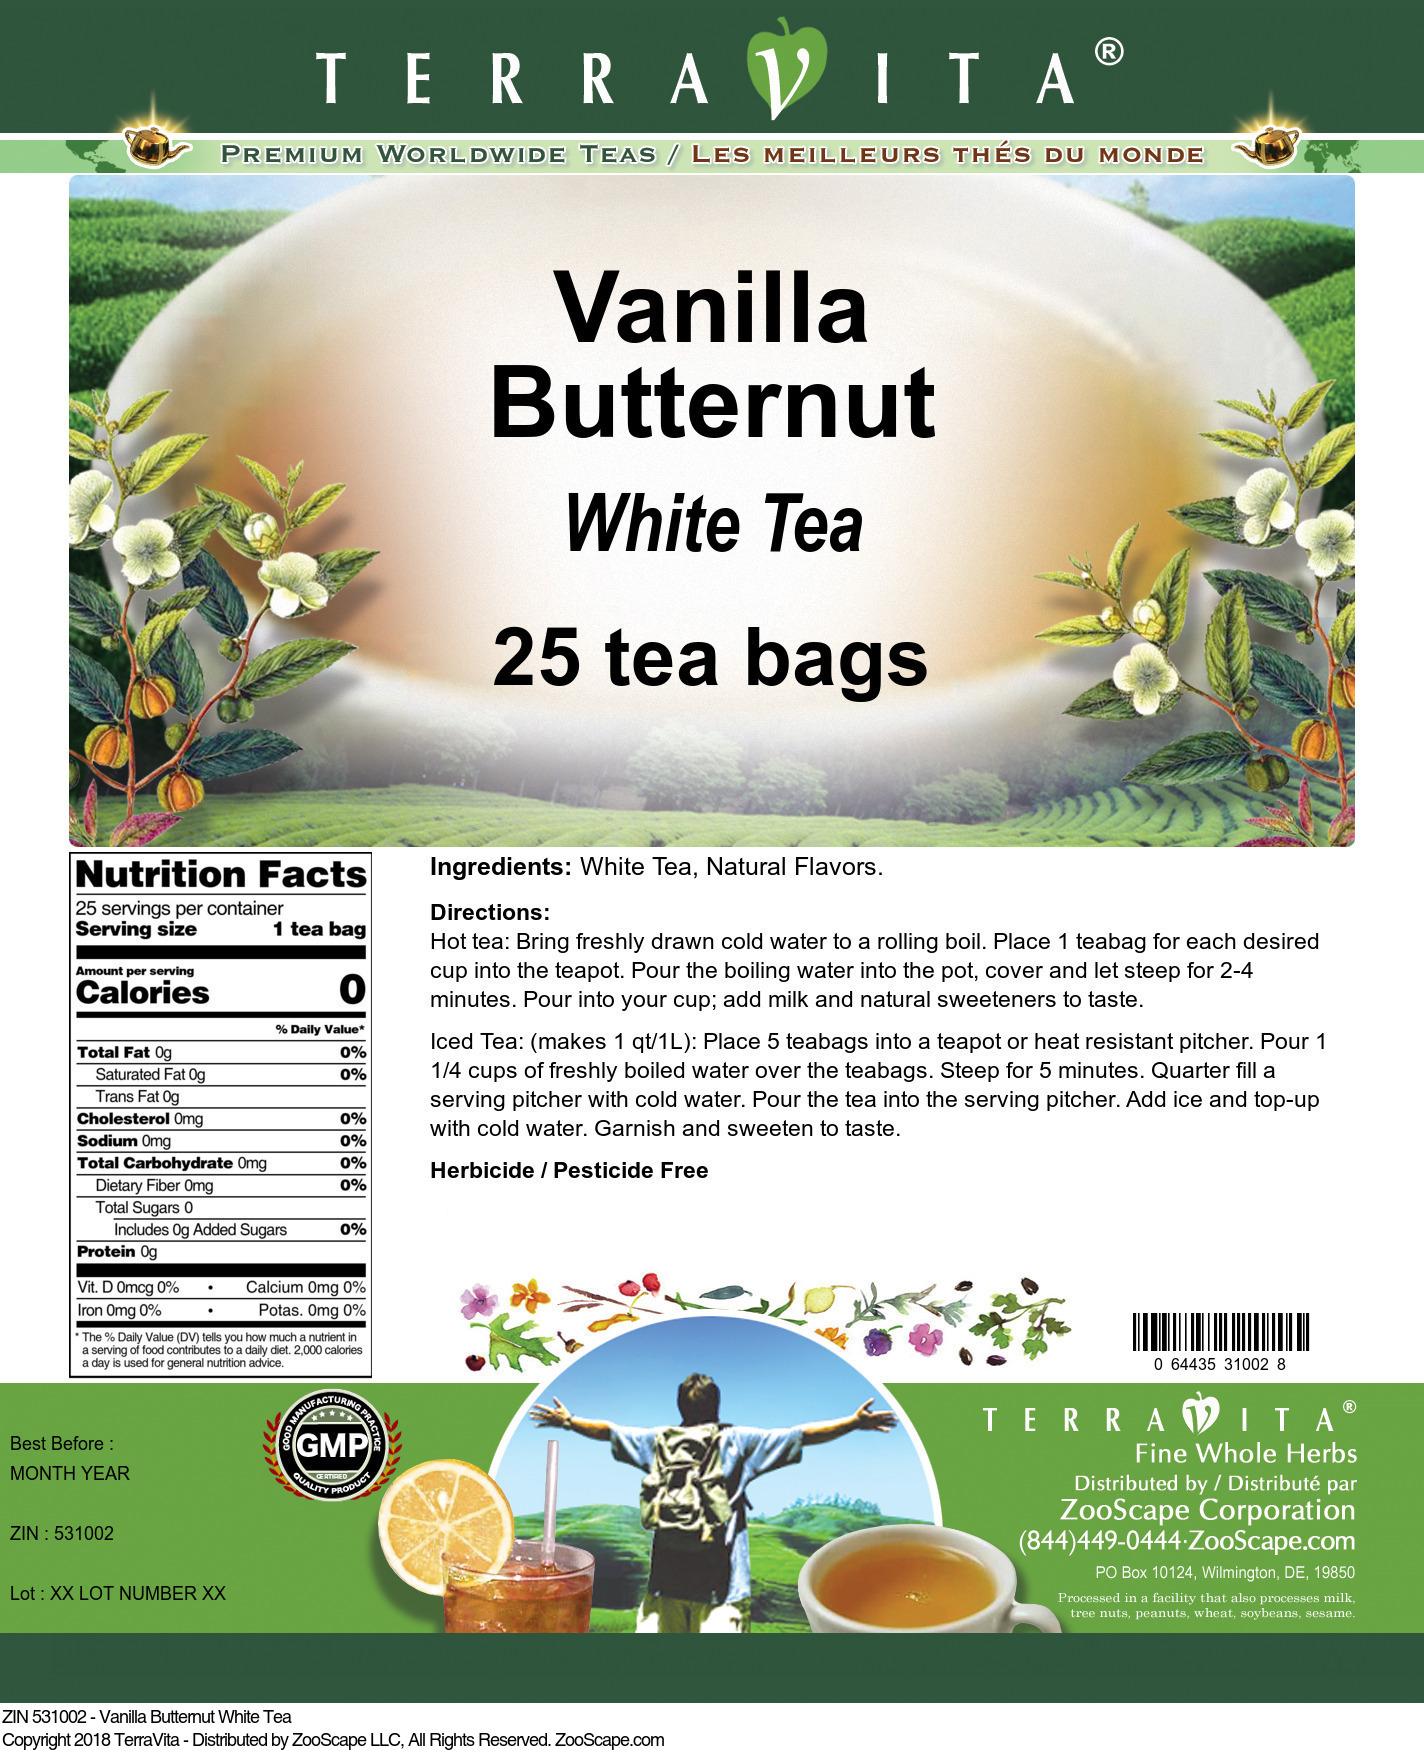 Vanilla Butternut White Tea